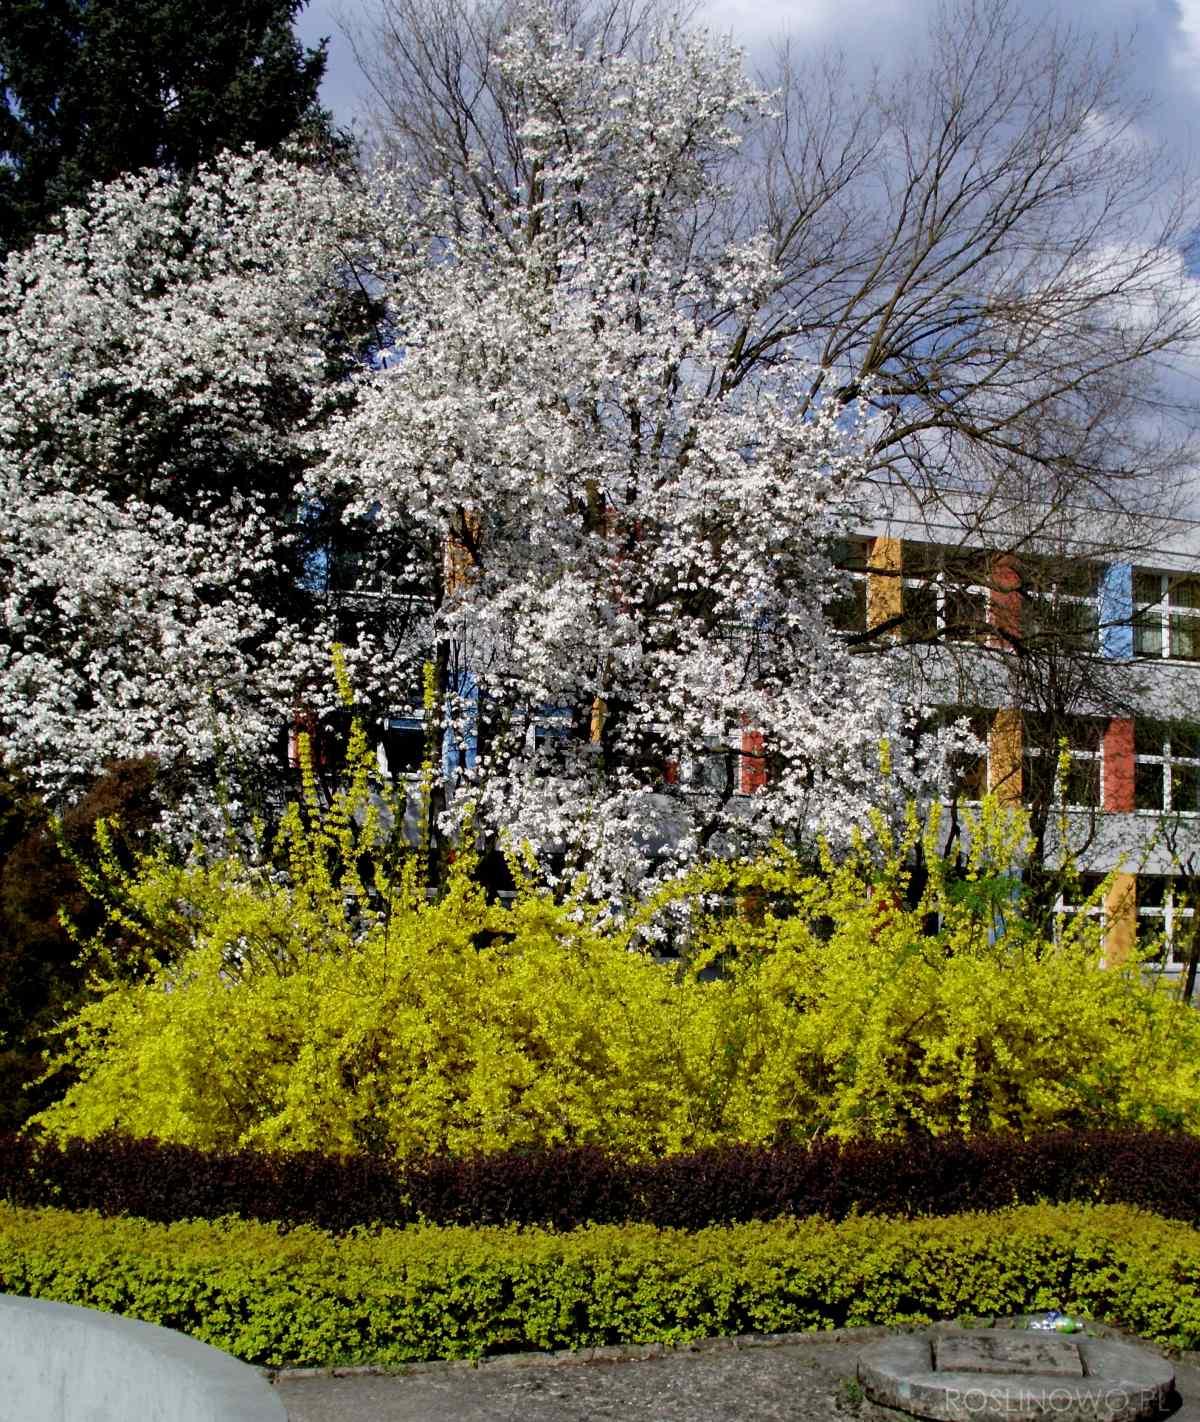 forsycja pośrednia - wieloletnia roślina krzewiasta do ogrodów i parków